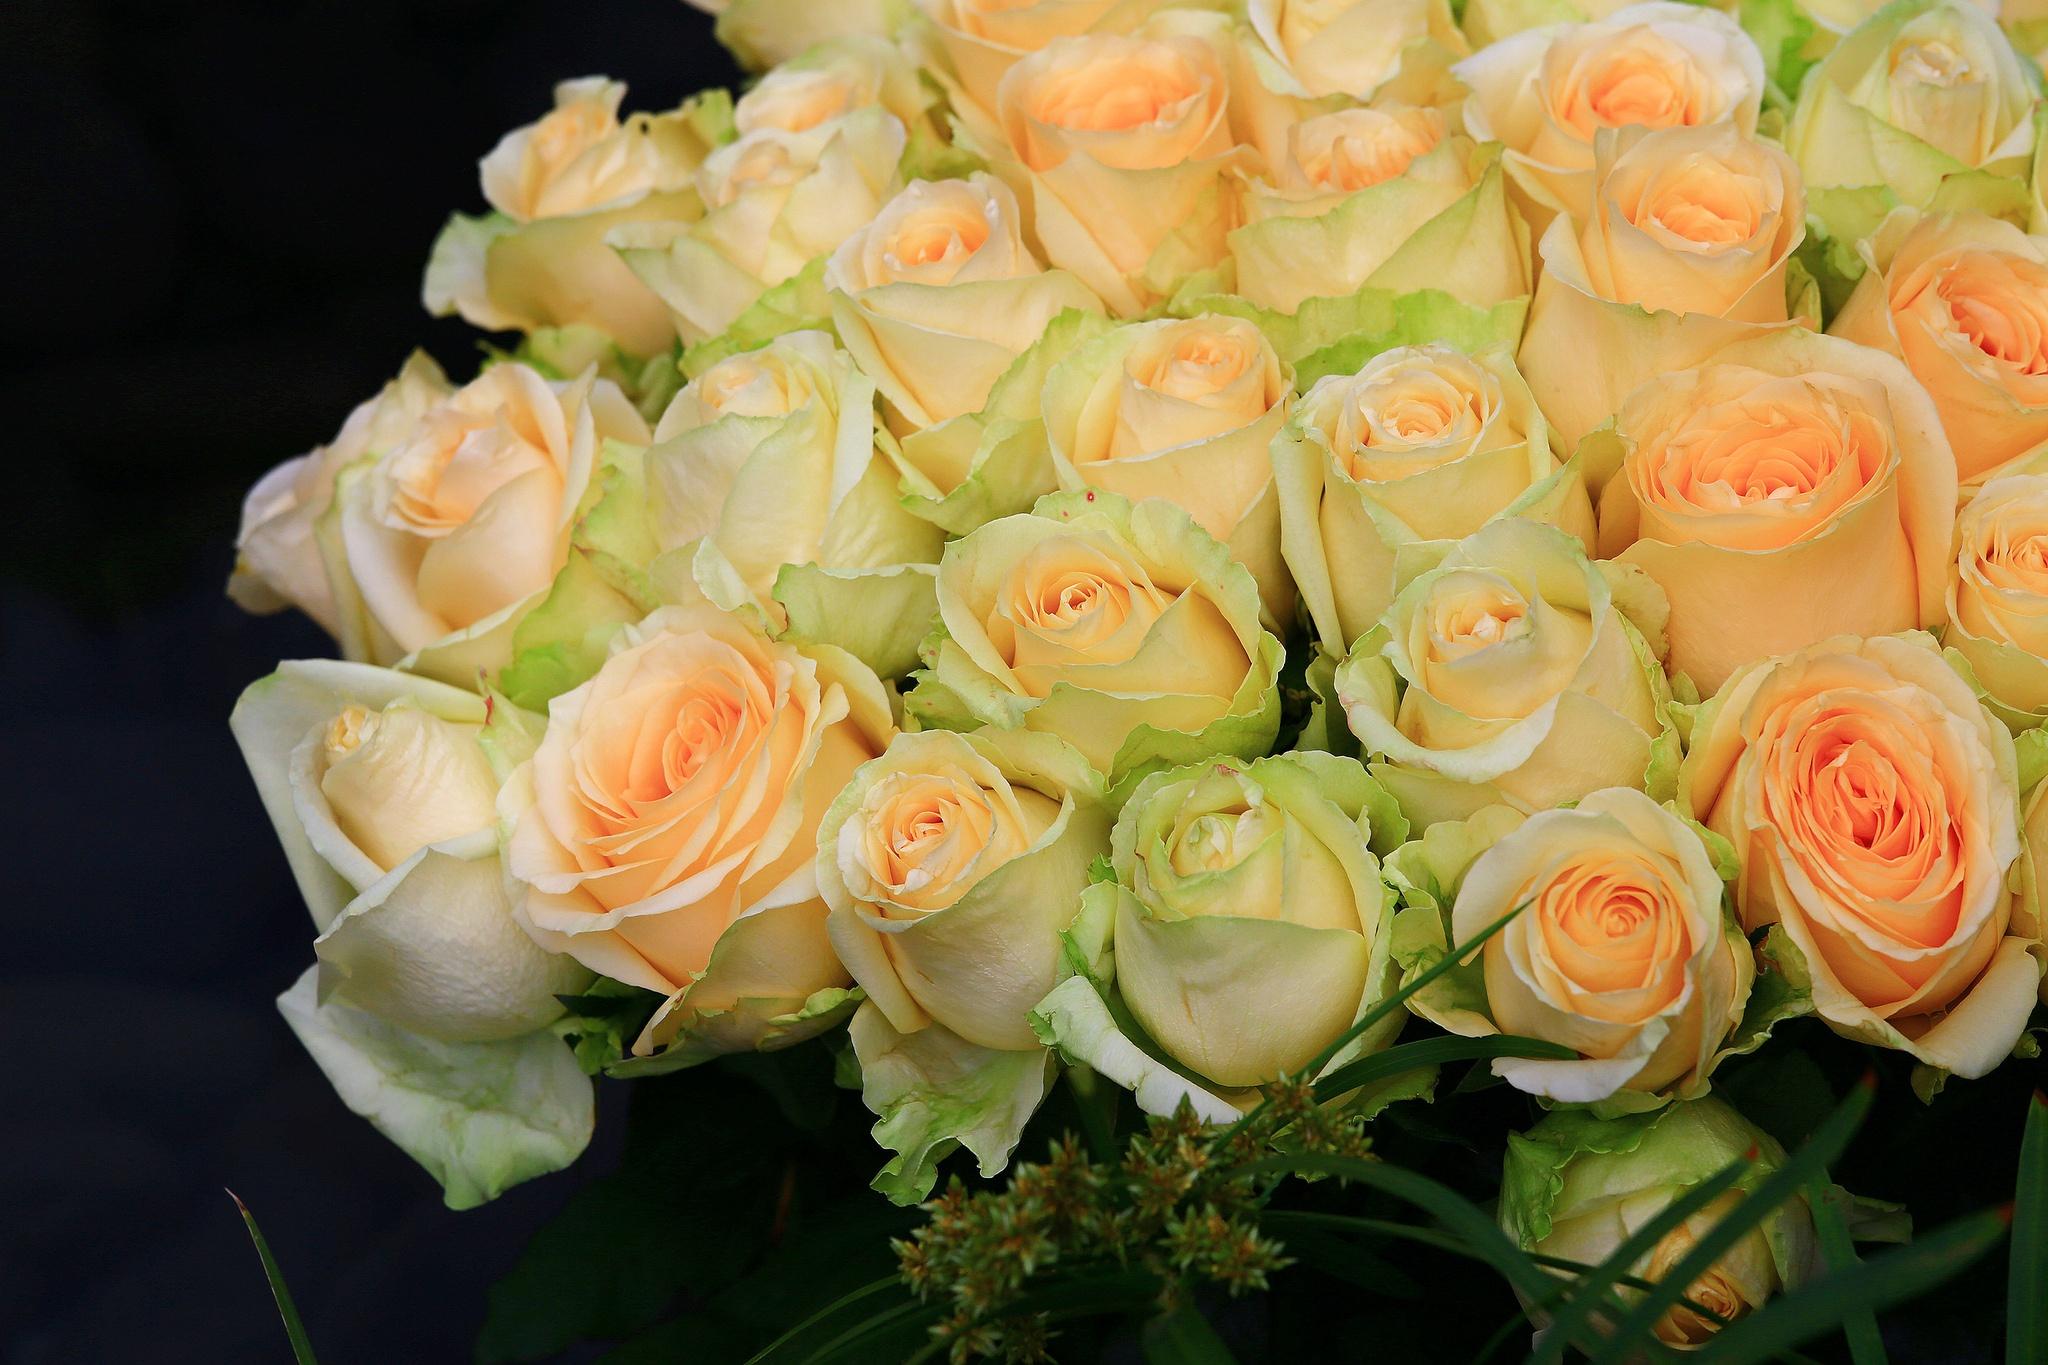 ооо пластик фото чайных роз в хорошем качестве делали